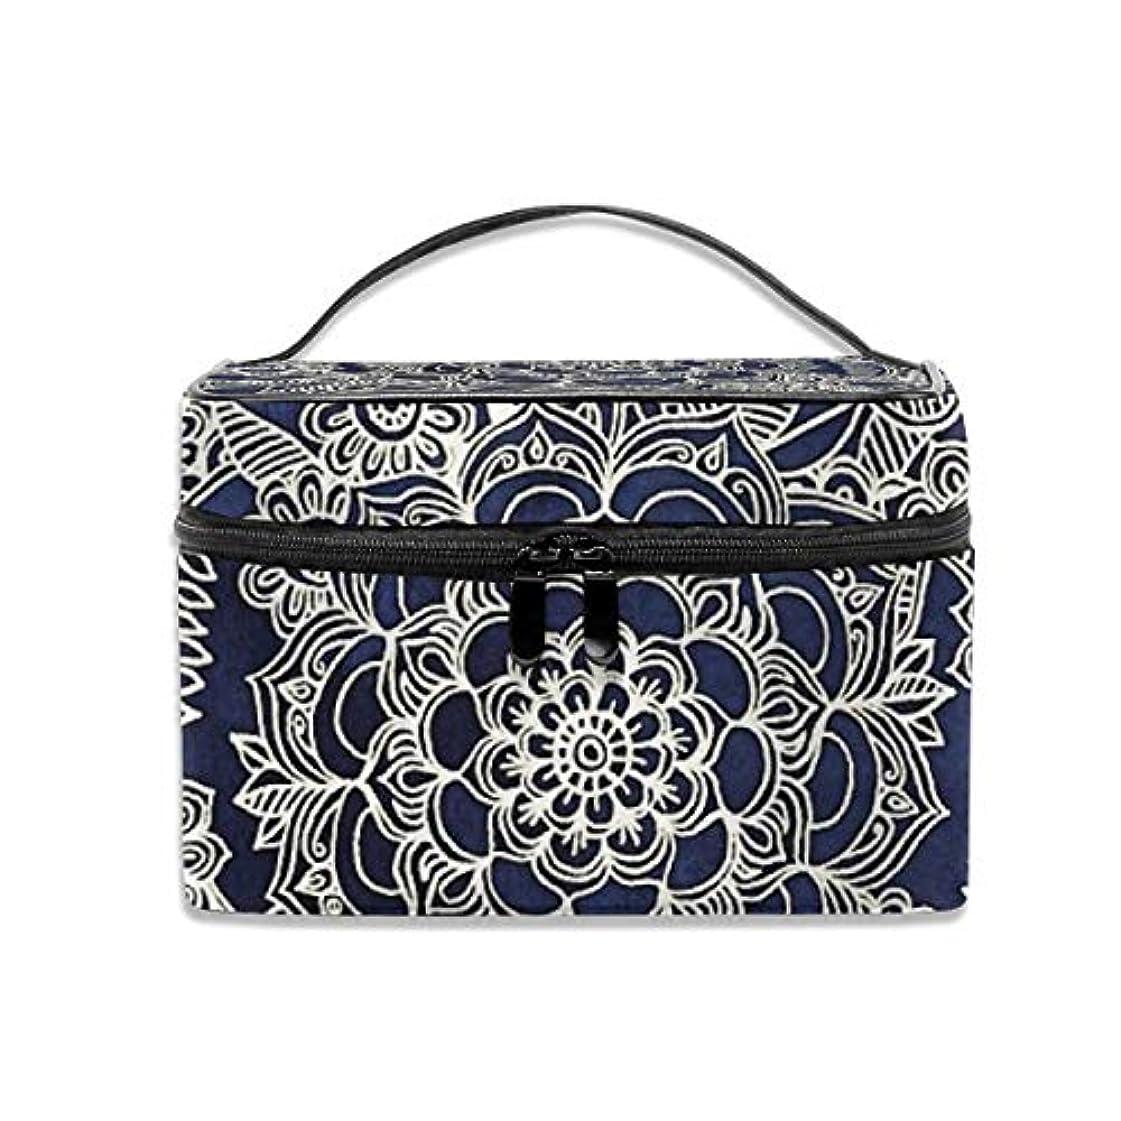 理容室豊富にキャッチクリーム色の花のモロッコパターンで濃い藍インキ化粧バッグポータブル旅行化粧品バッグオーガナイザージッパートイレタリーバッグ用女性